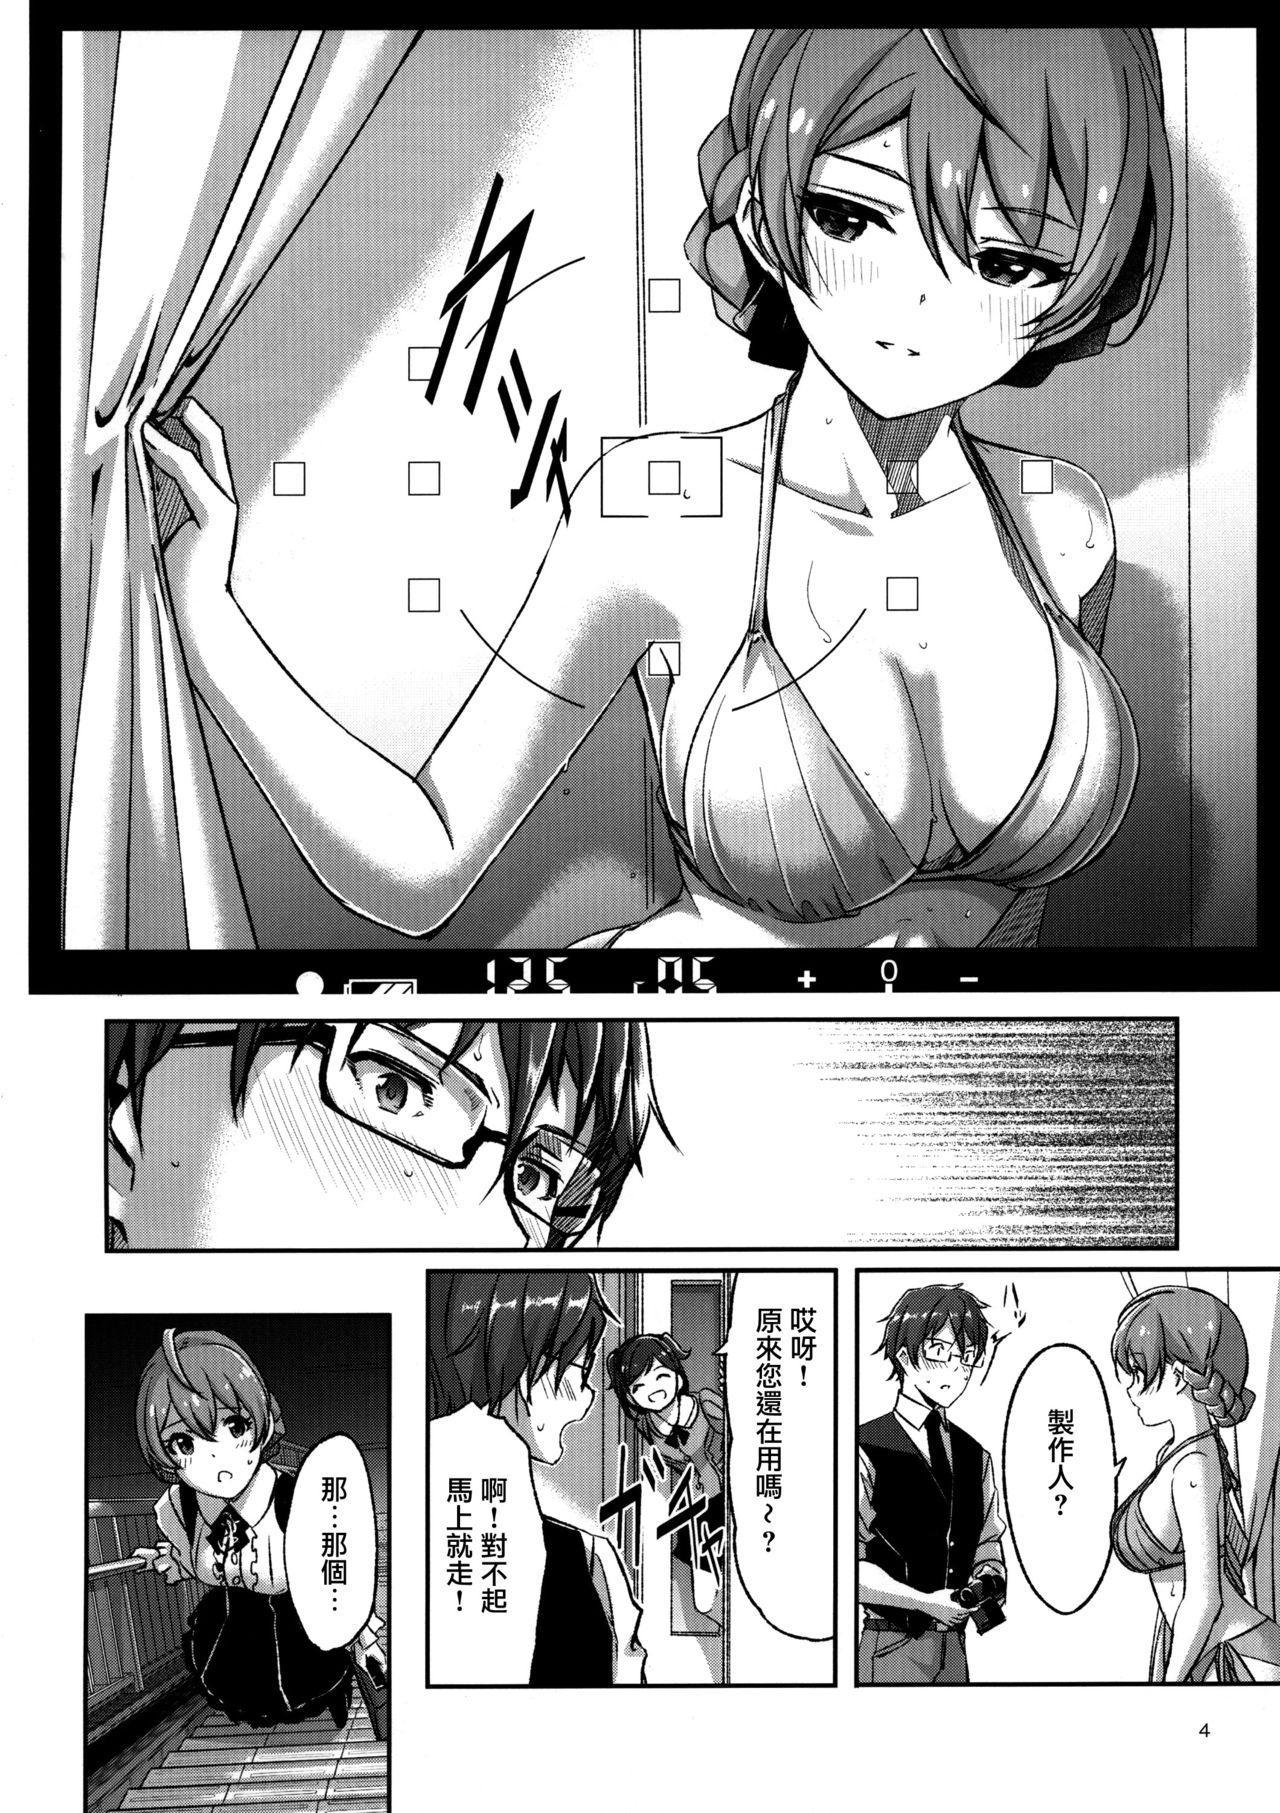 Hachidori no Yuuwaku 4